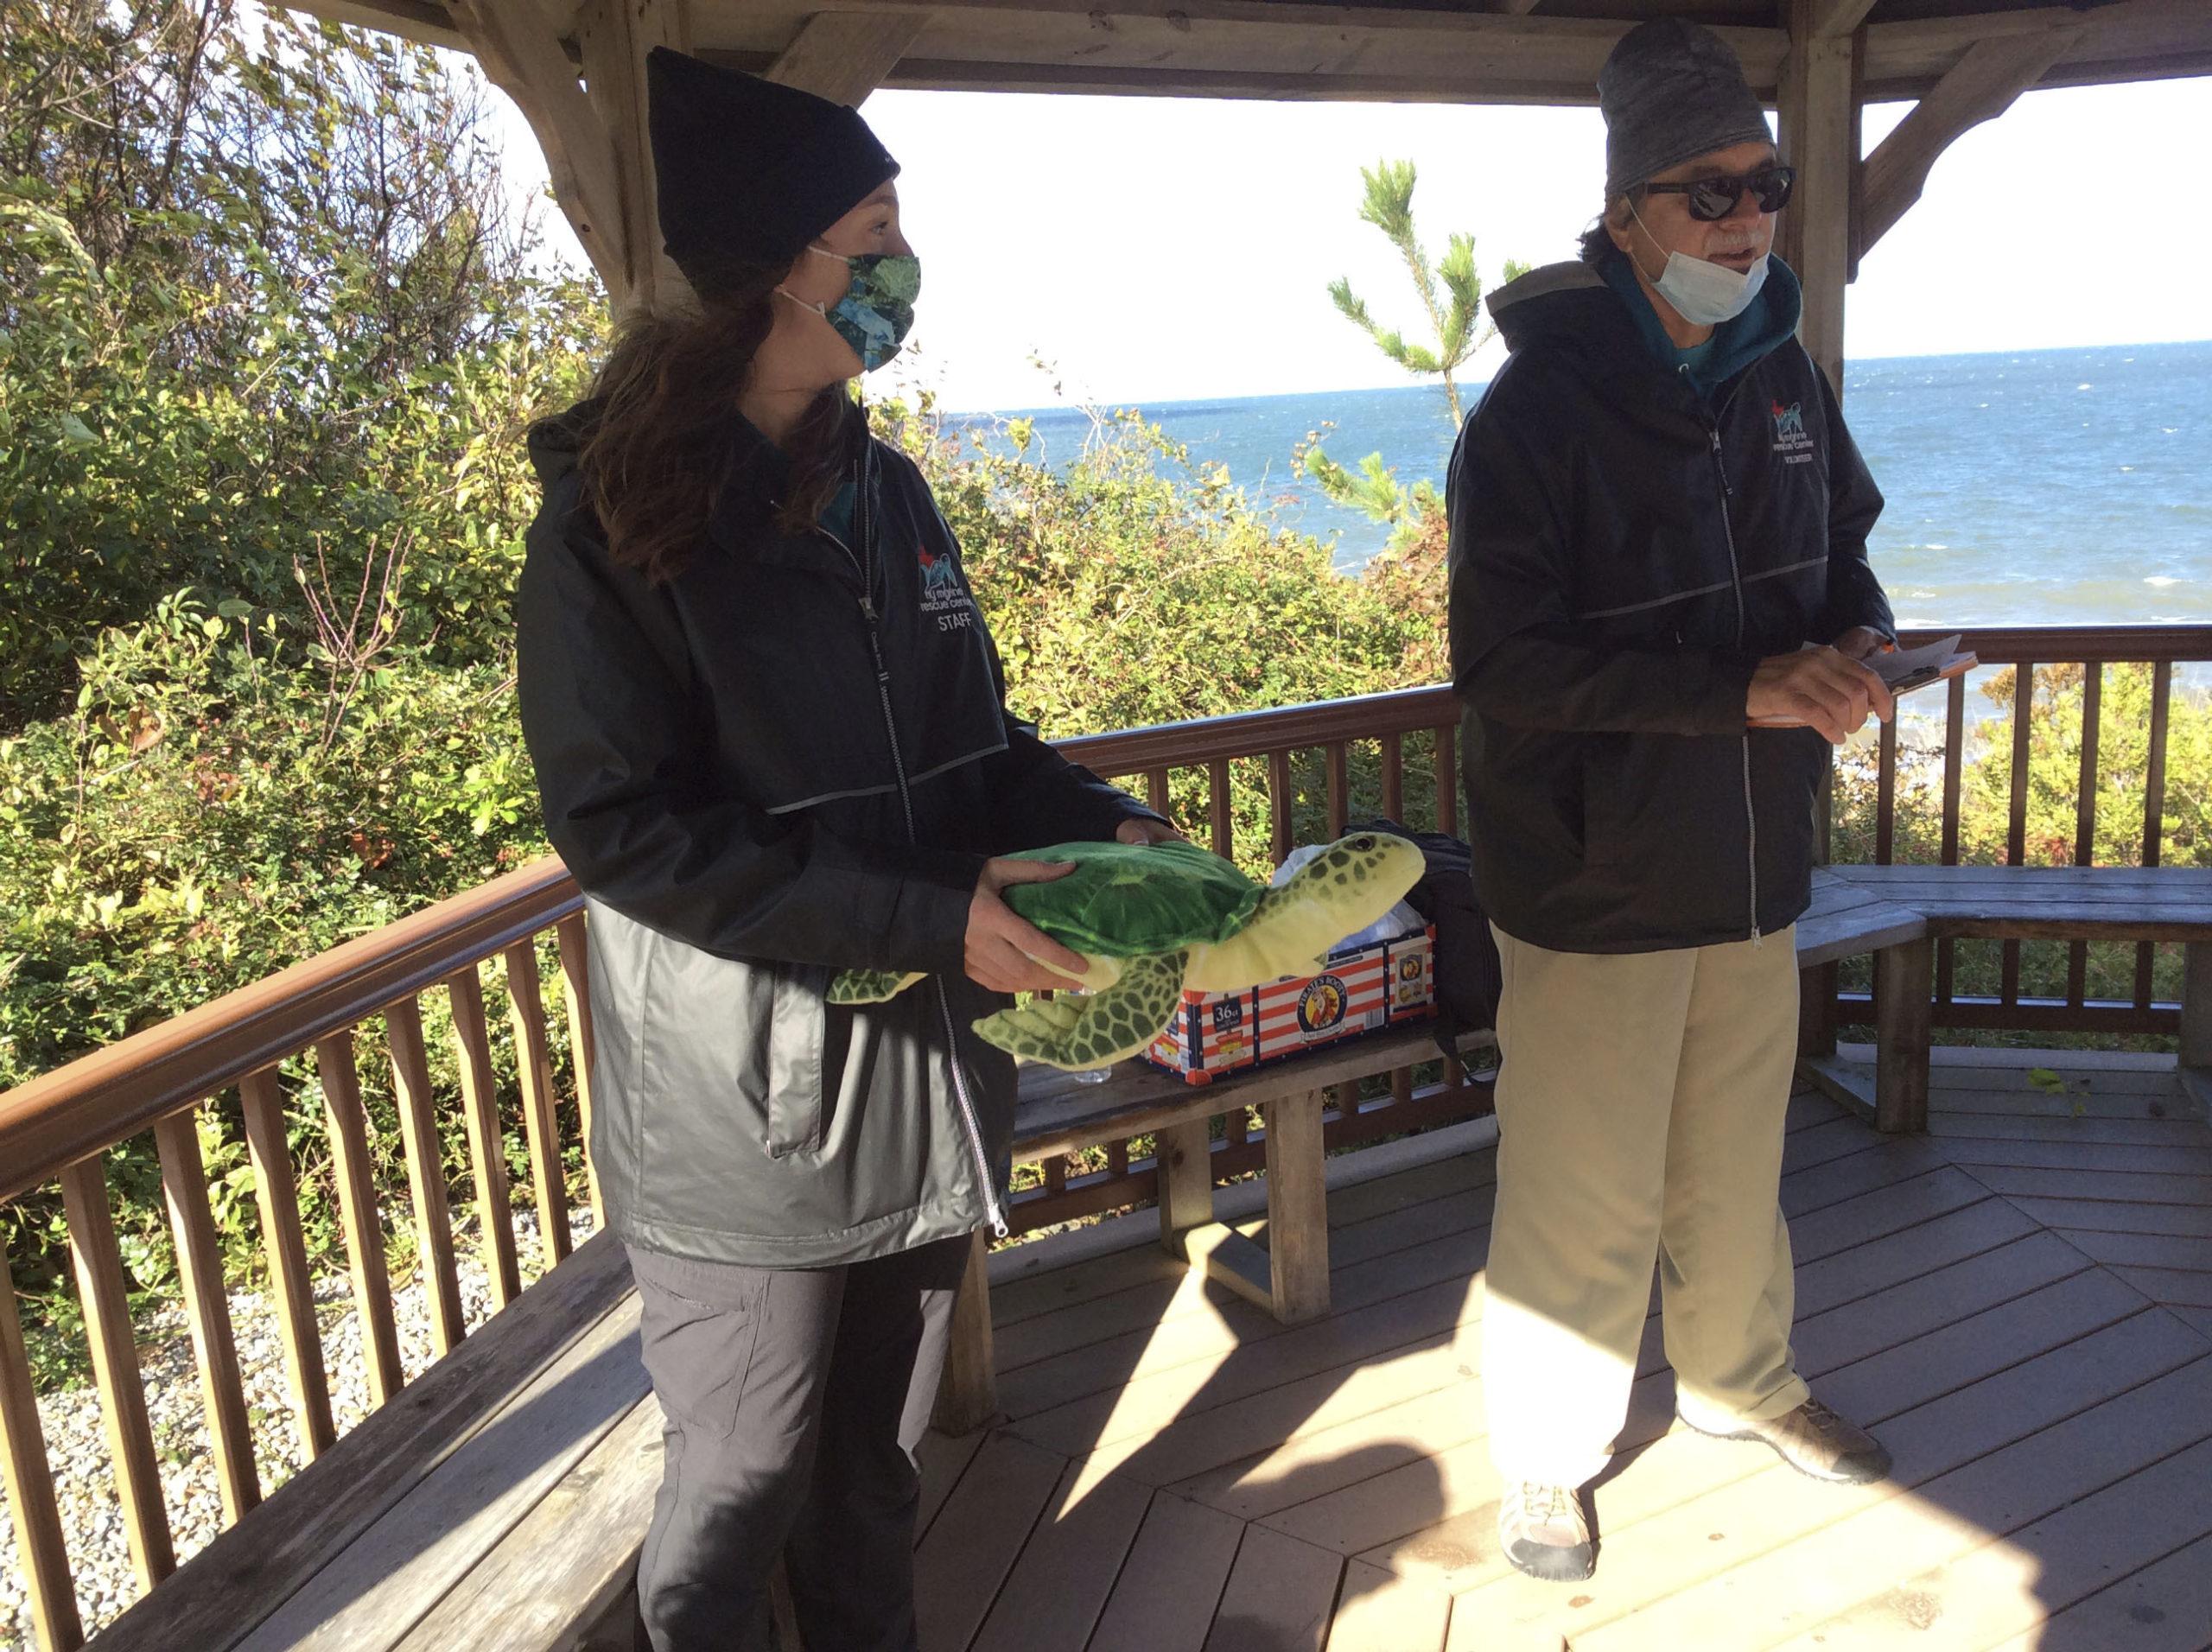 Katie Goulder and Steve Abbondondello talk about handling turtles.   BRYAN BOYHAN